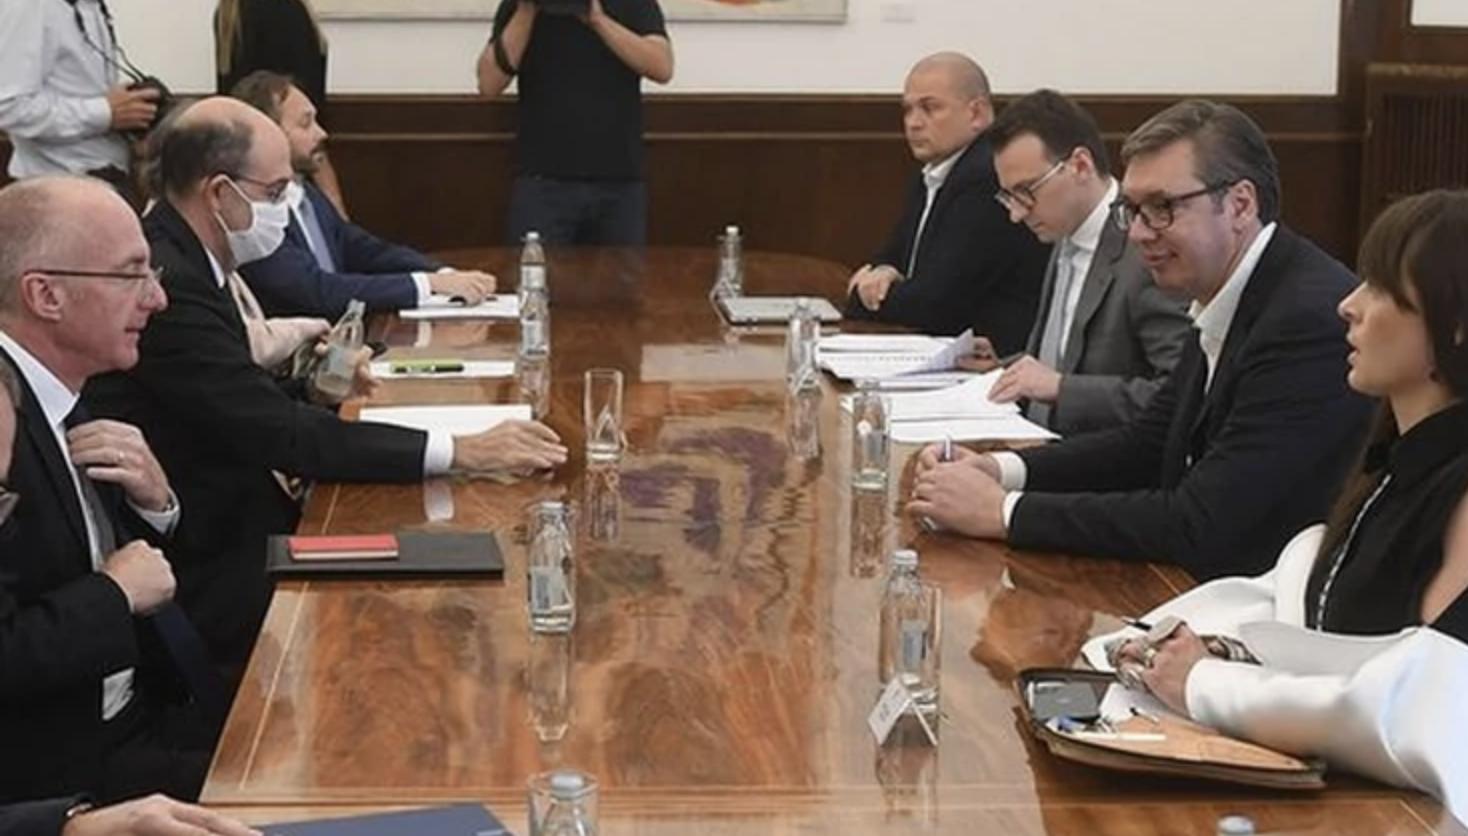 Vučić: Nećemo dozvoliti ponižavanje Srbije i njenih građana